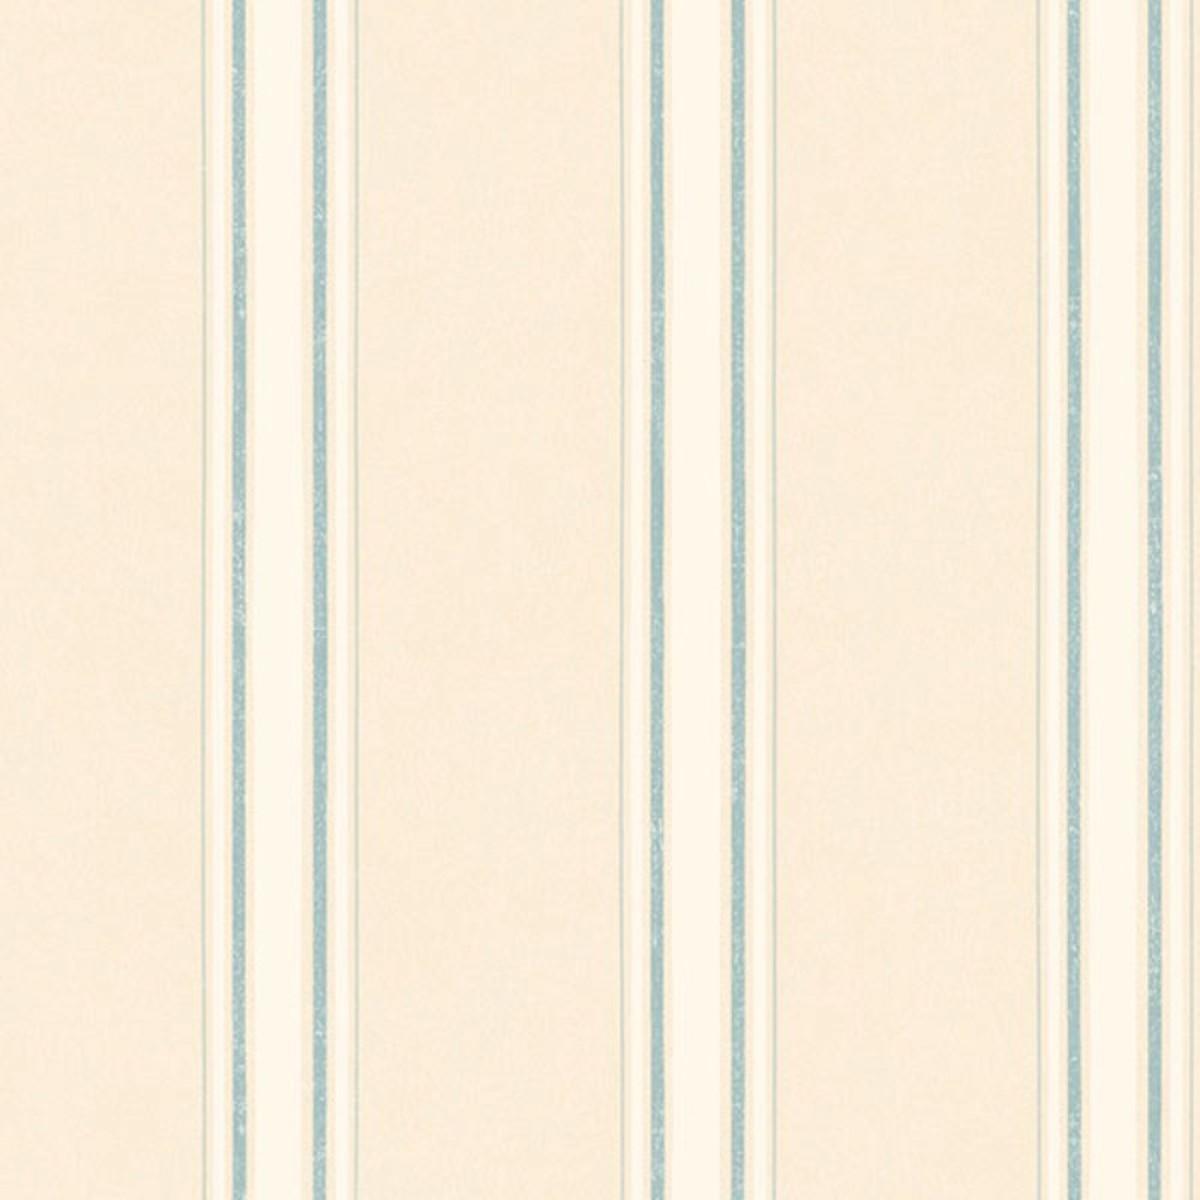 Виниловые обои Aura розовые AB27639 0.53 м